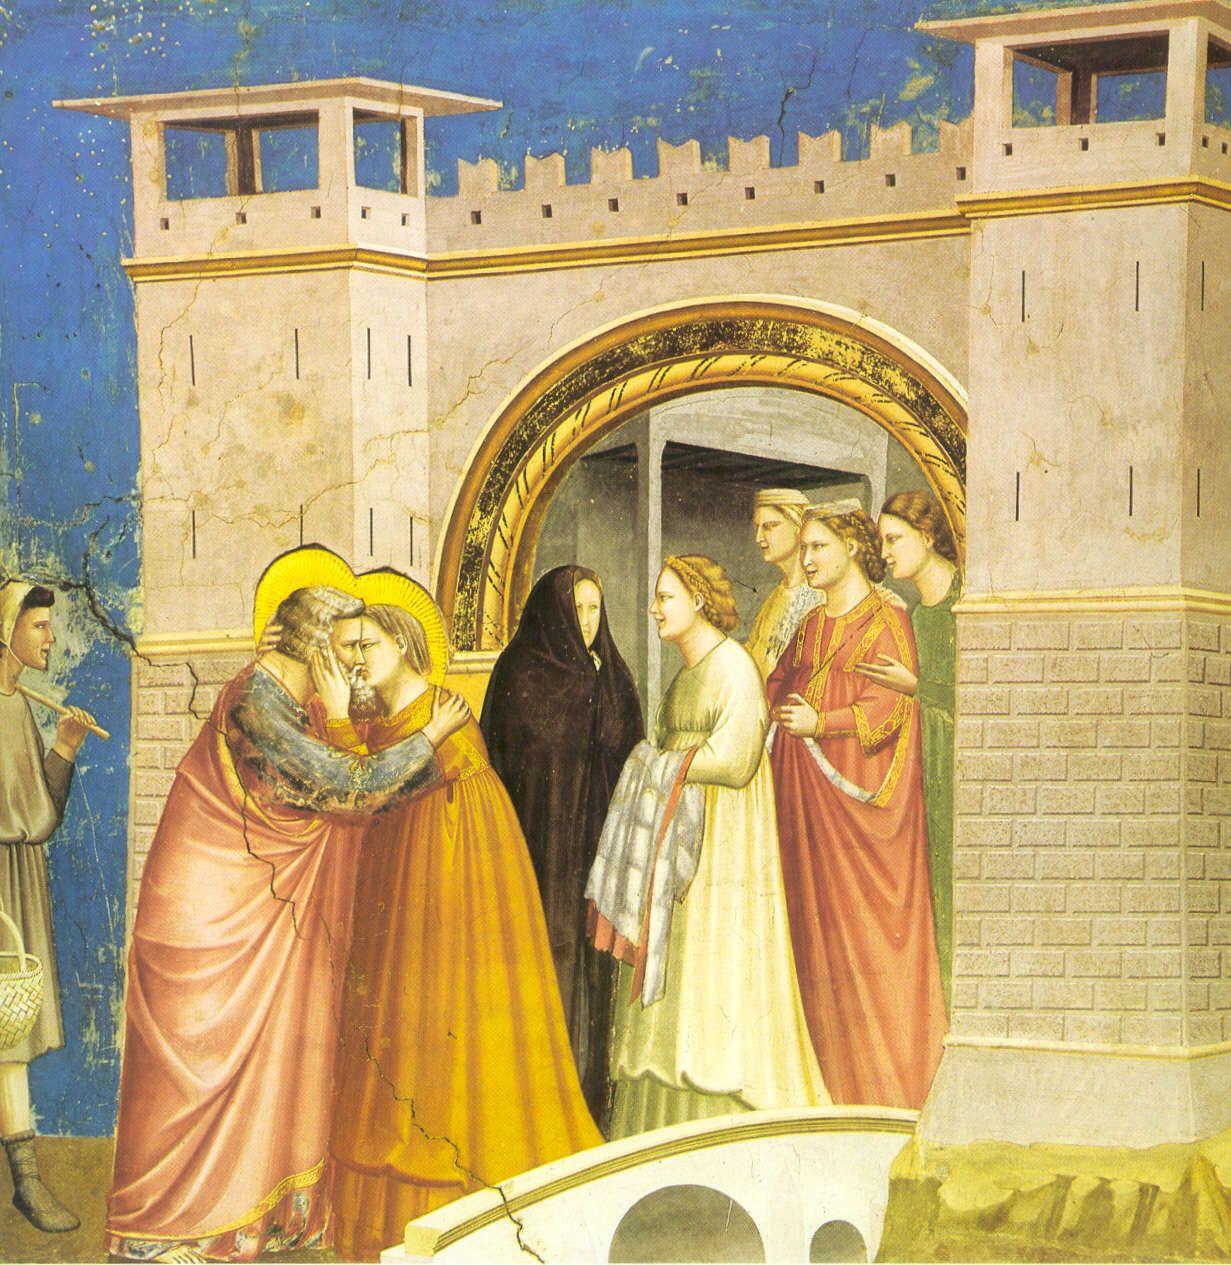 Pin On Pintura Italiana S Xiii Xiv Duocento Xiii Y Trecento